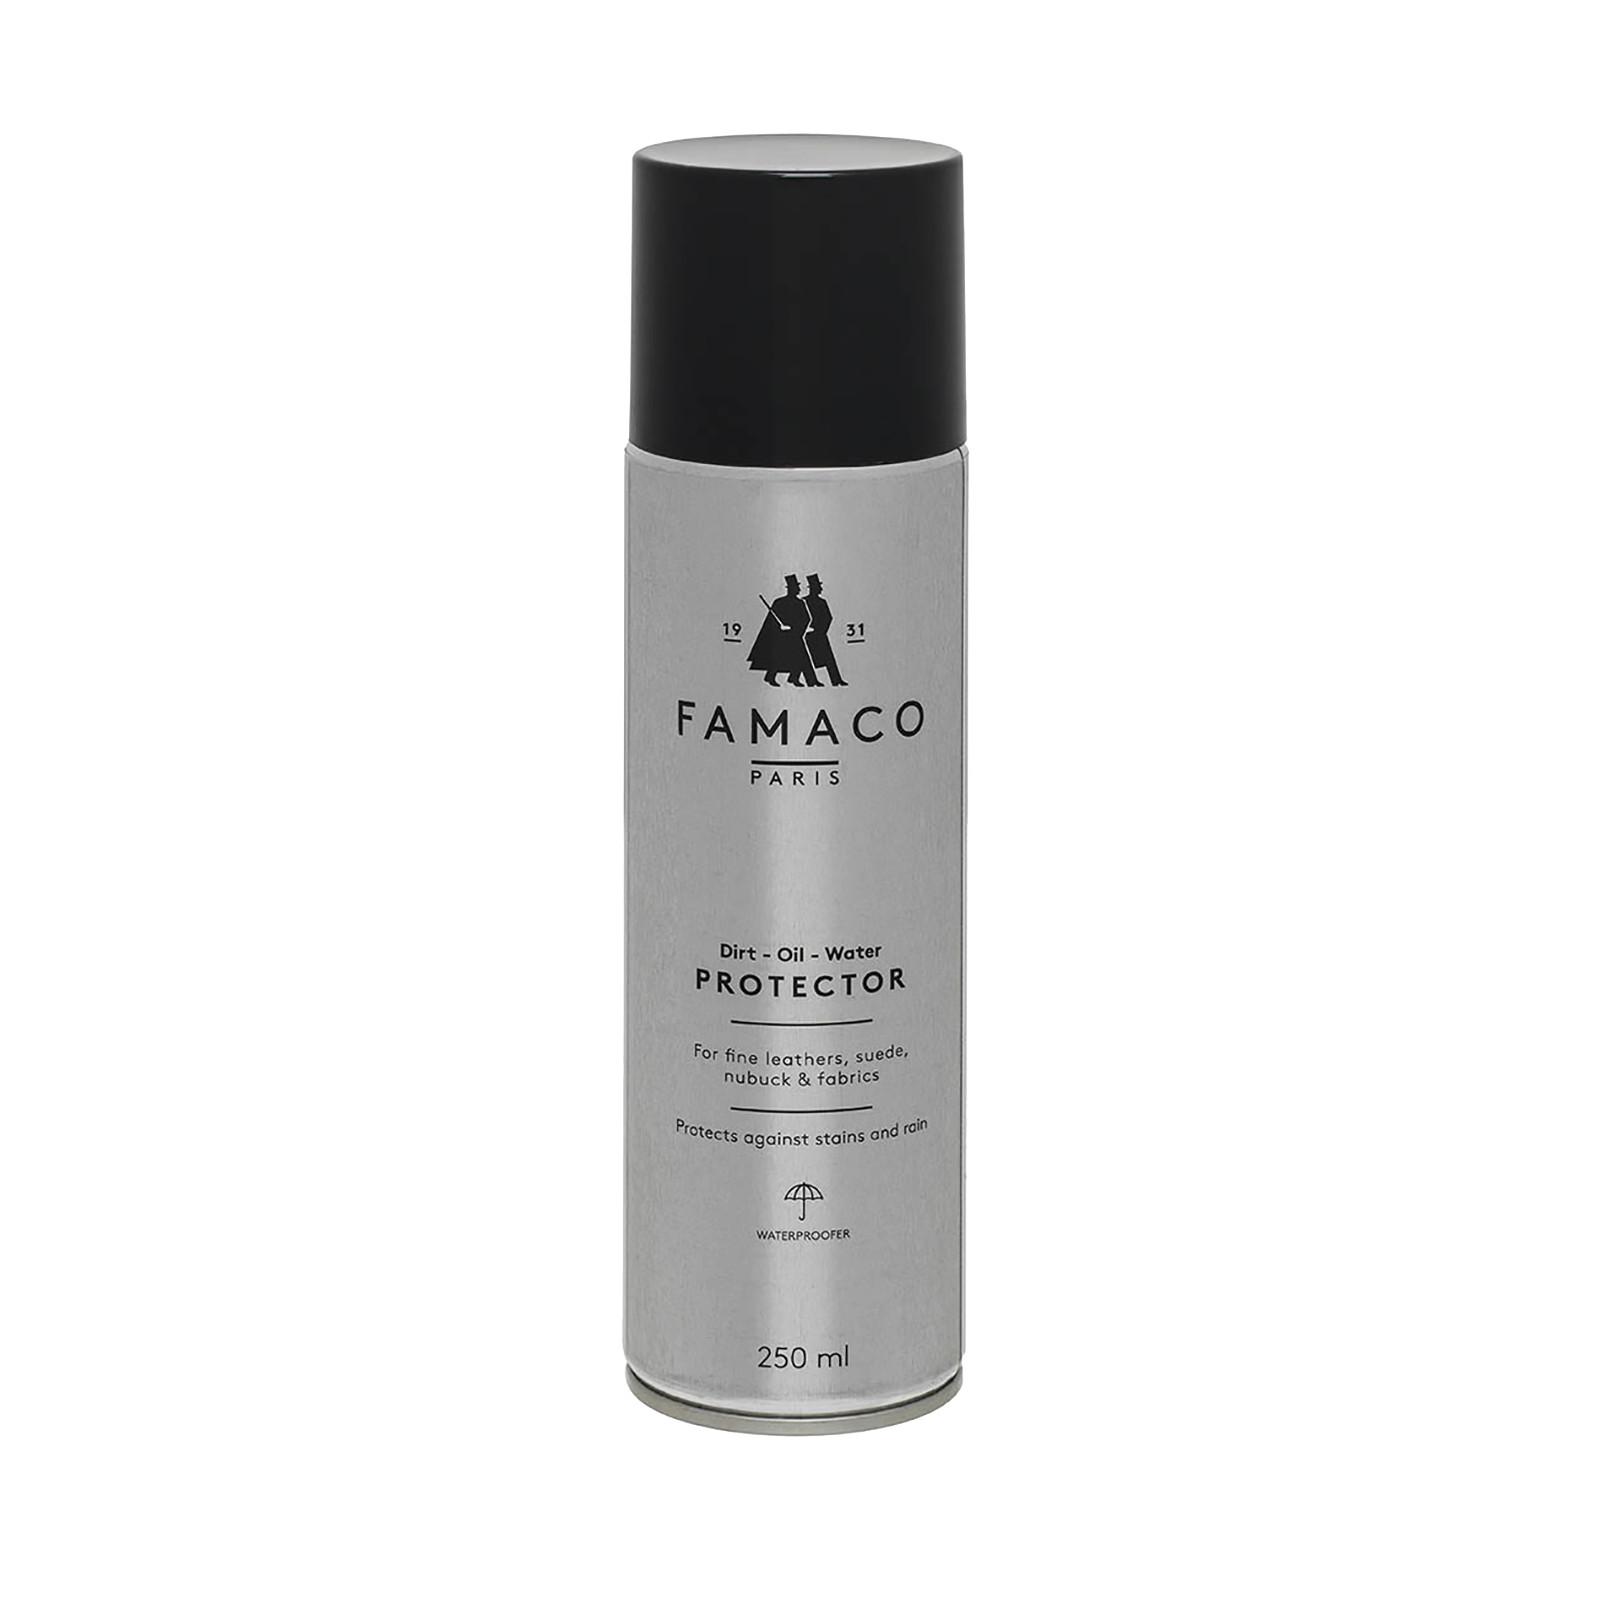 Famaco Protector Waterproof 250ml Spray